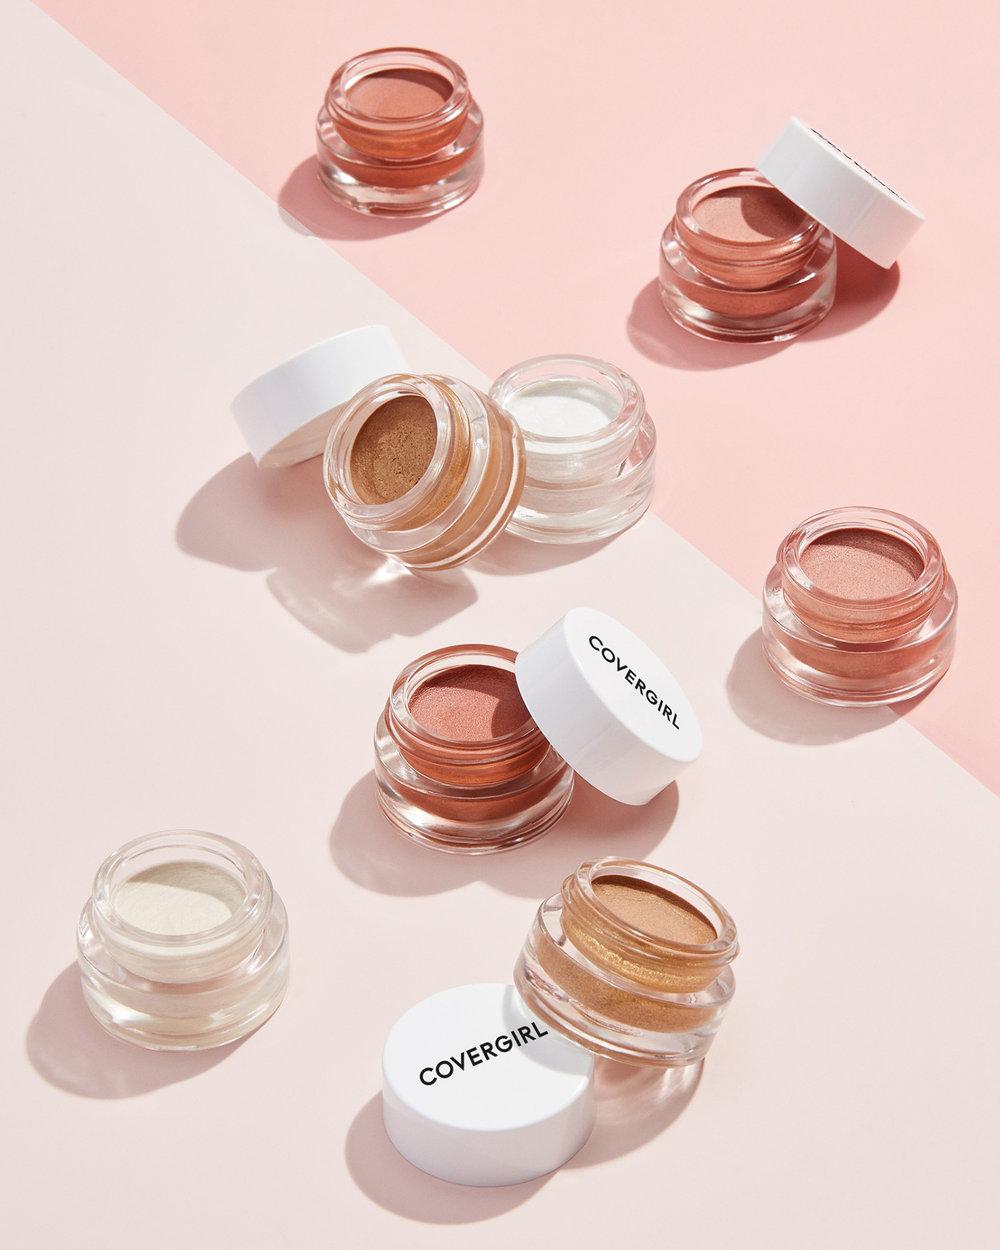 tom-medvedich-still-life-cosmetics-covergirl-Vitalist-Healthy-Glow-Highlighter-Group-02.jpg